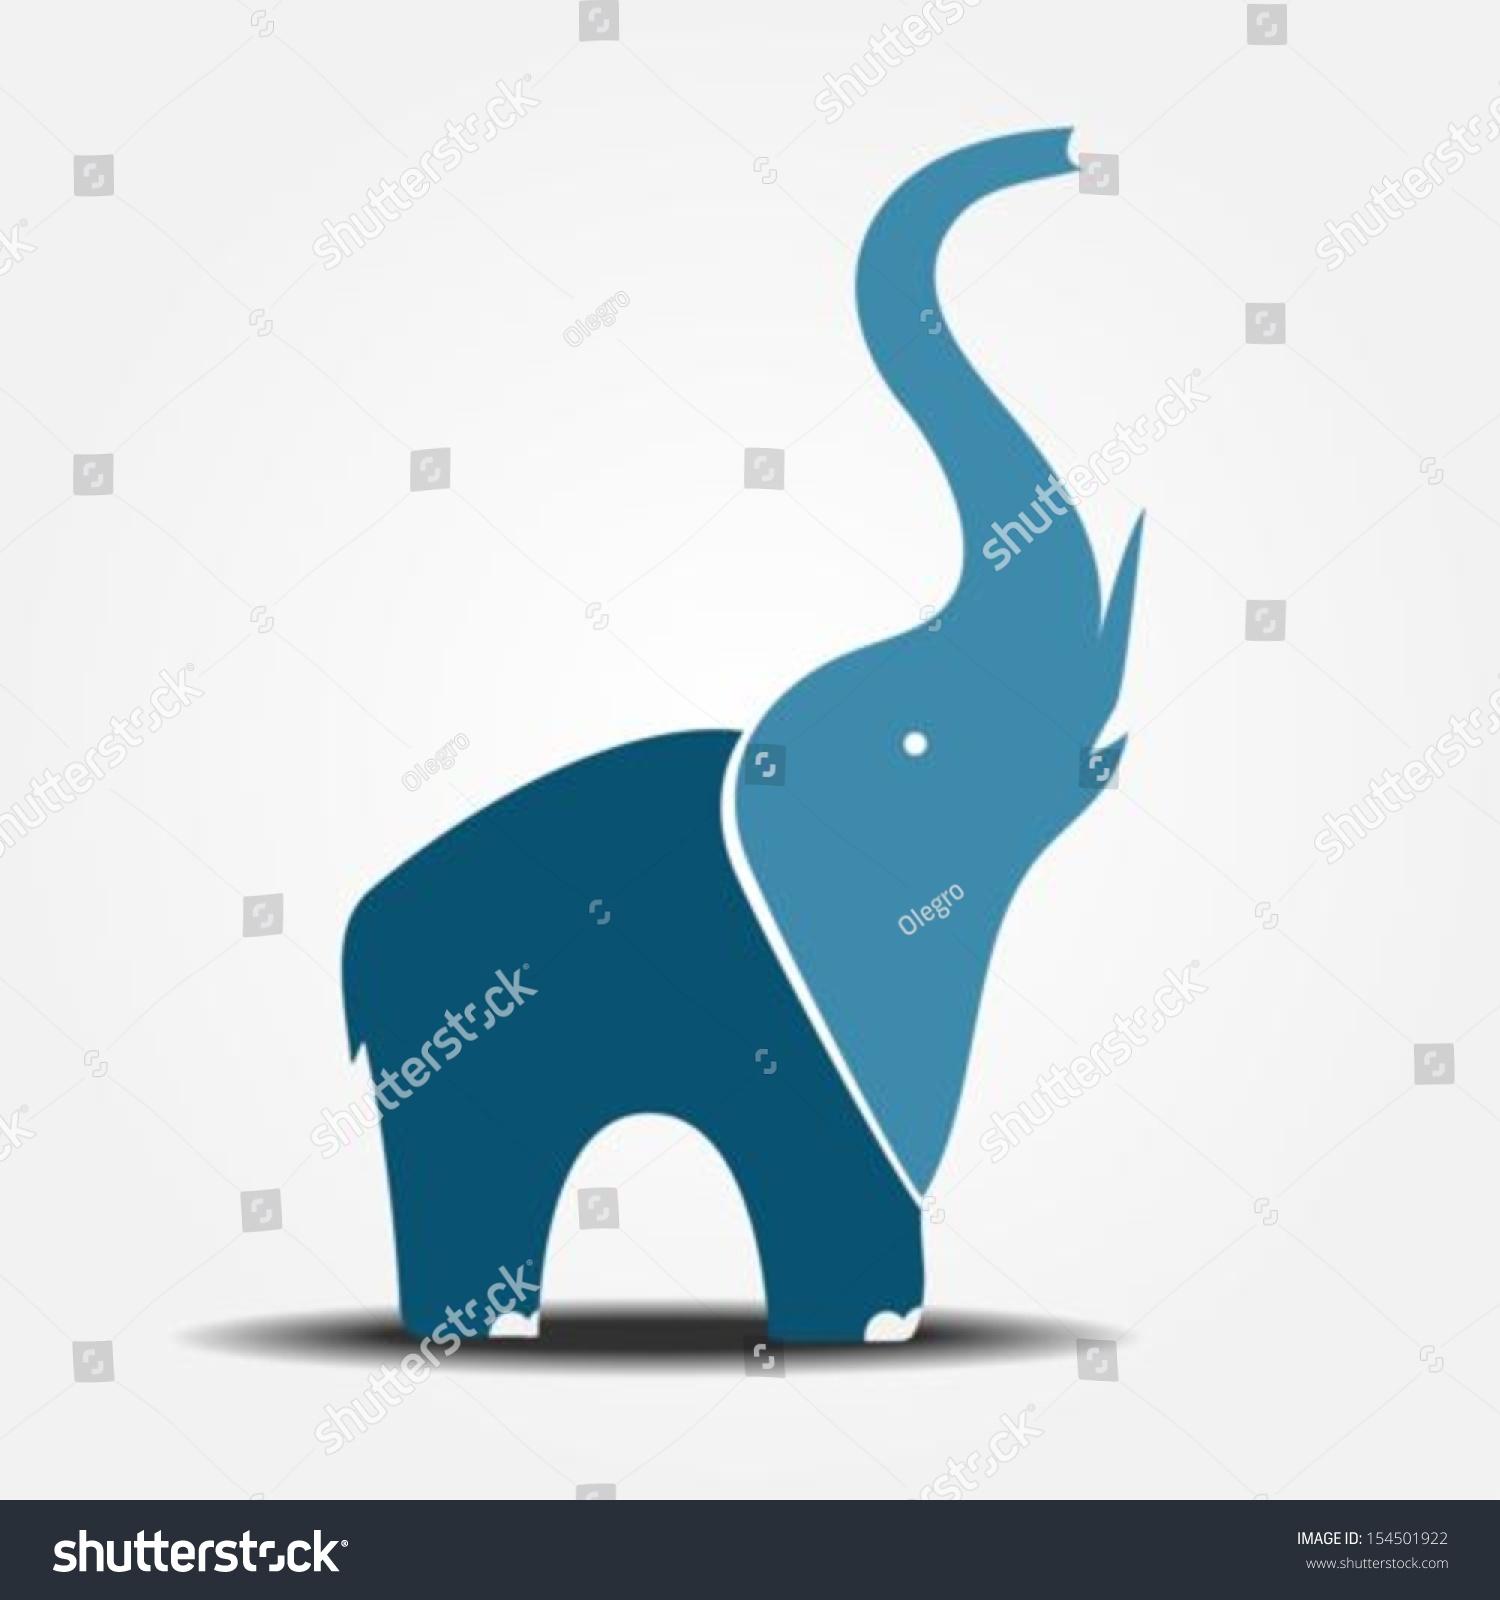 大象插图-动物/野生生物,符号/标志-海洛创意(hellorf